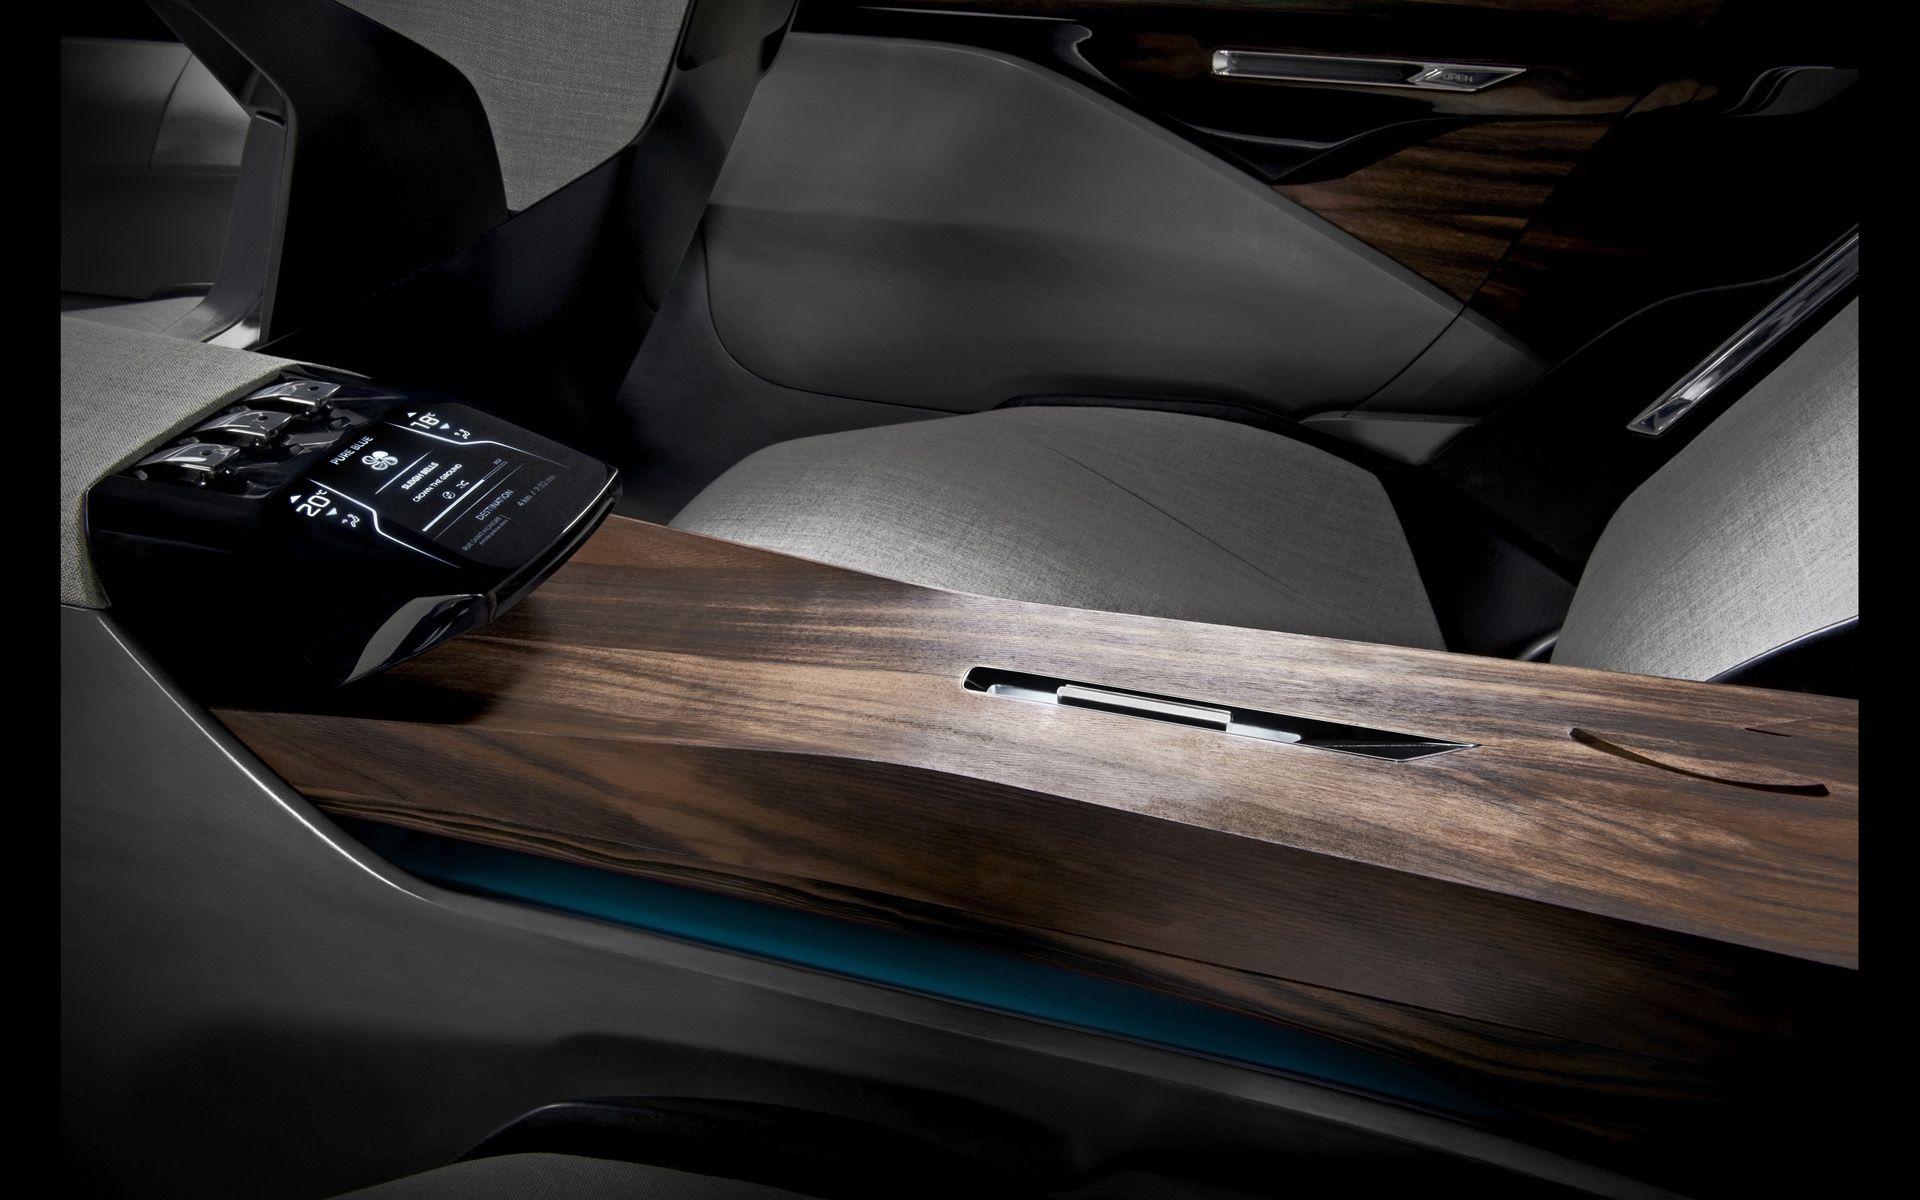 Peugeot Exalt Concept (+ скетчи)  -  Cardesign.ru - Главный ресурс о транспортном дизайне. Дизайн авто. Портфолио. Фотогалерея. Проекты. Дизайнерский форум.